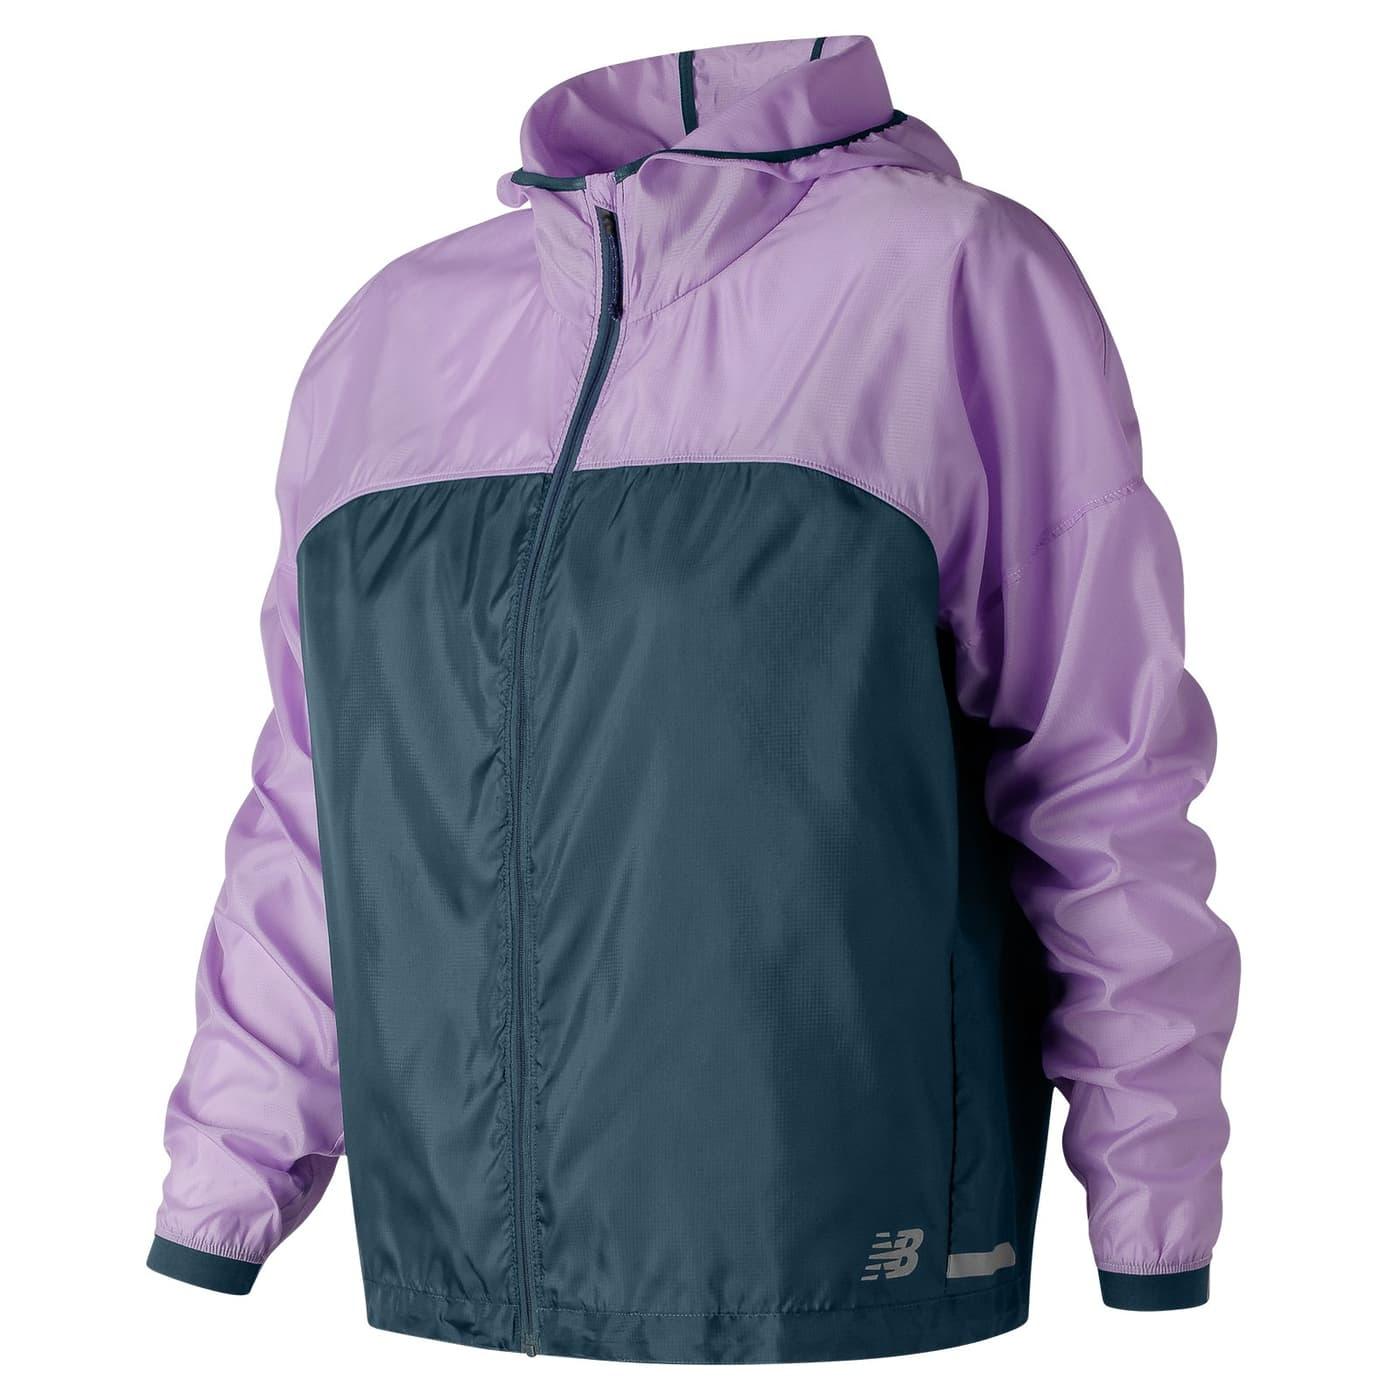 nouveau style 988c9 17593 New Balance Light Packjacket Veste pour femme